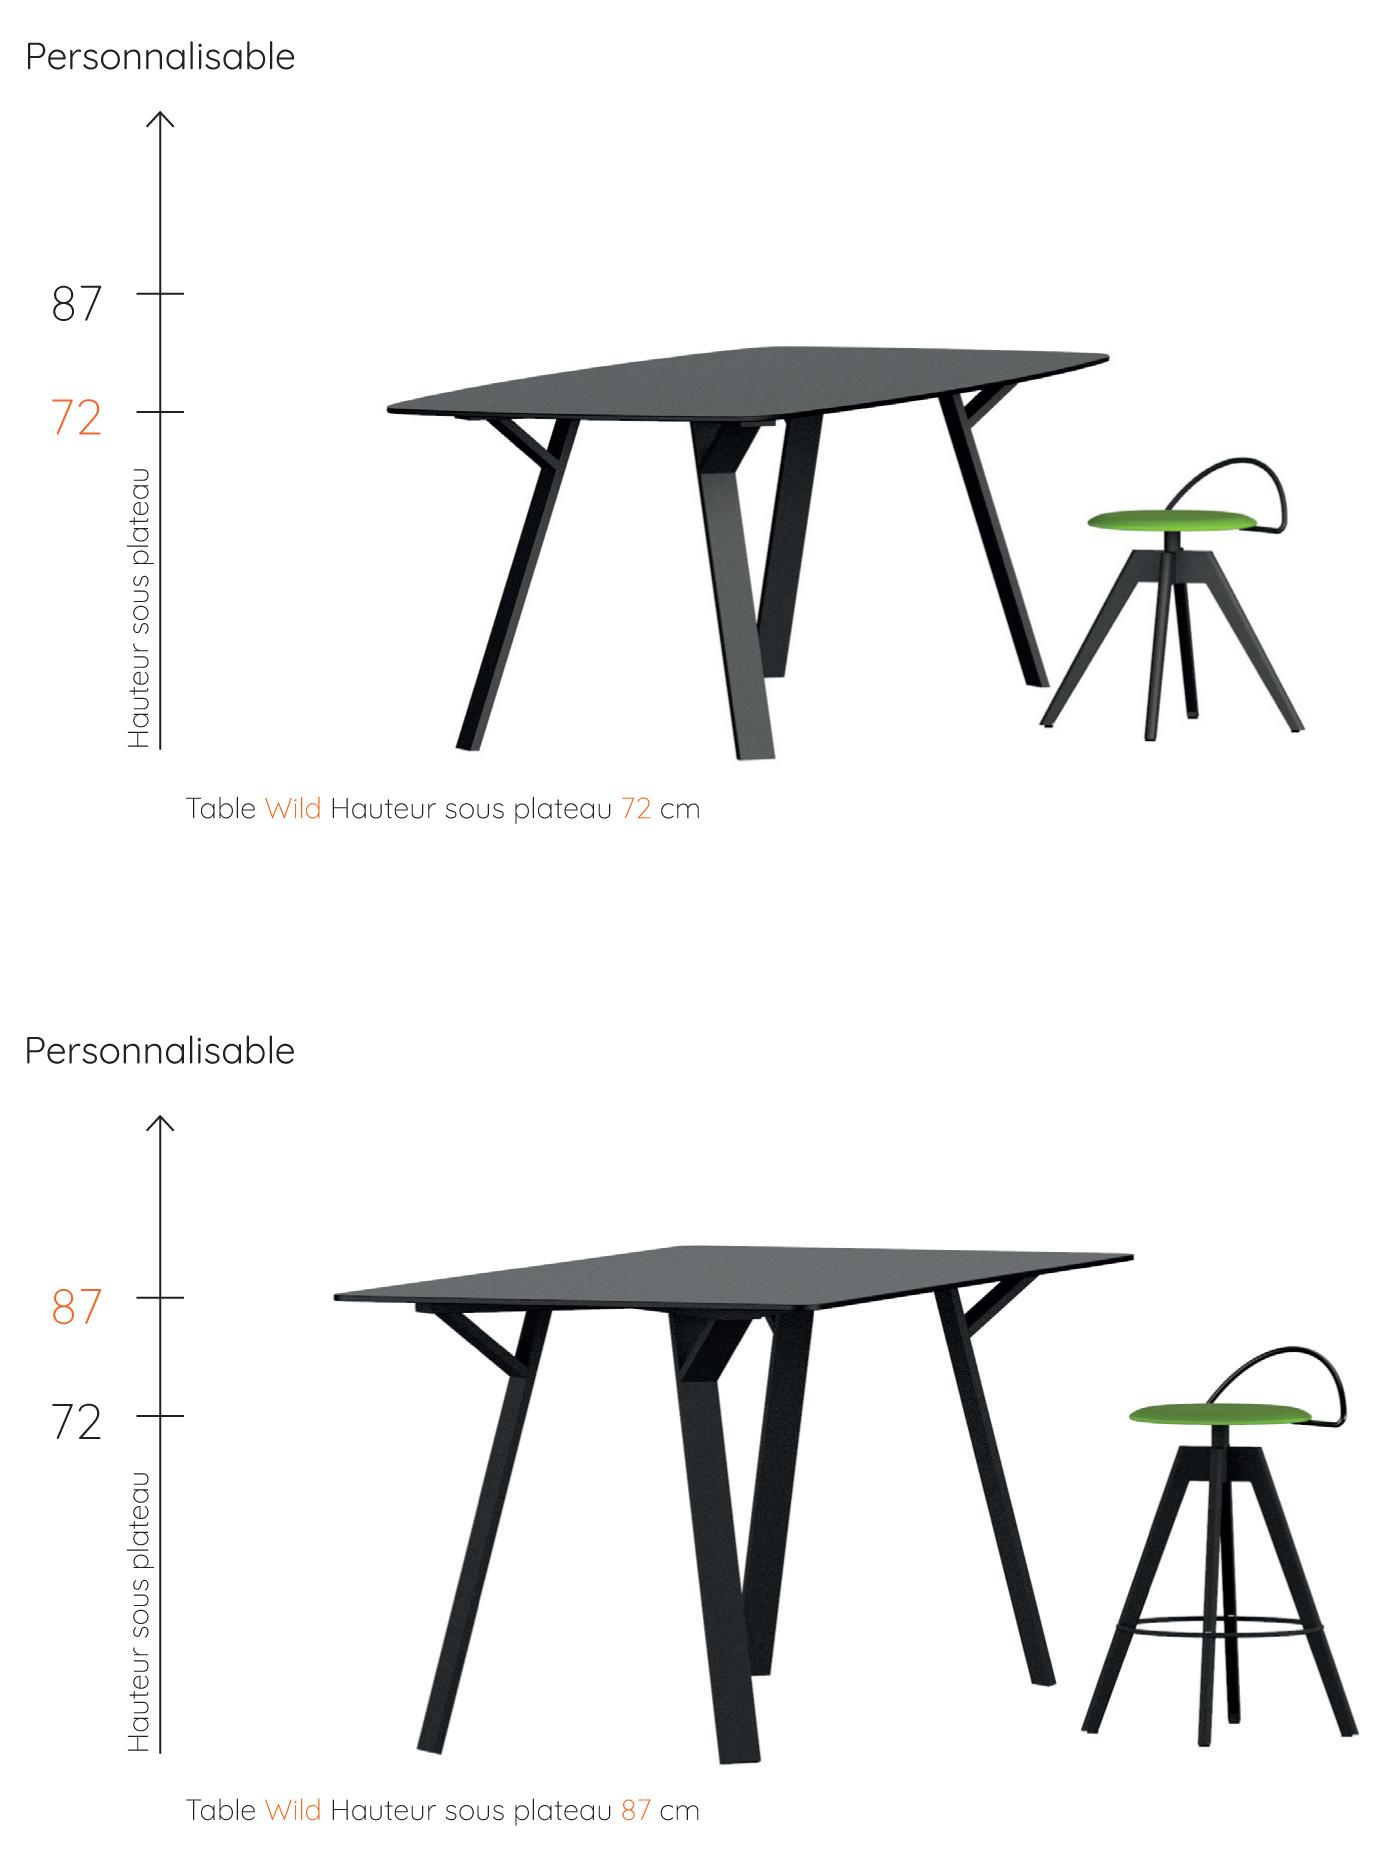 hauteur table wild